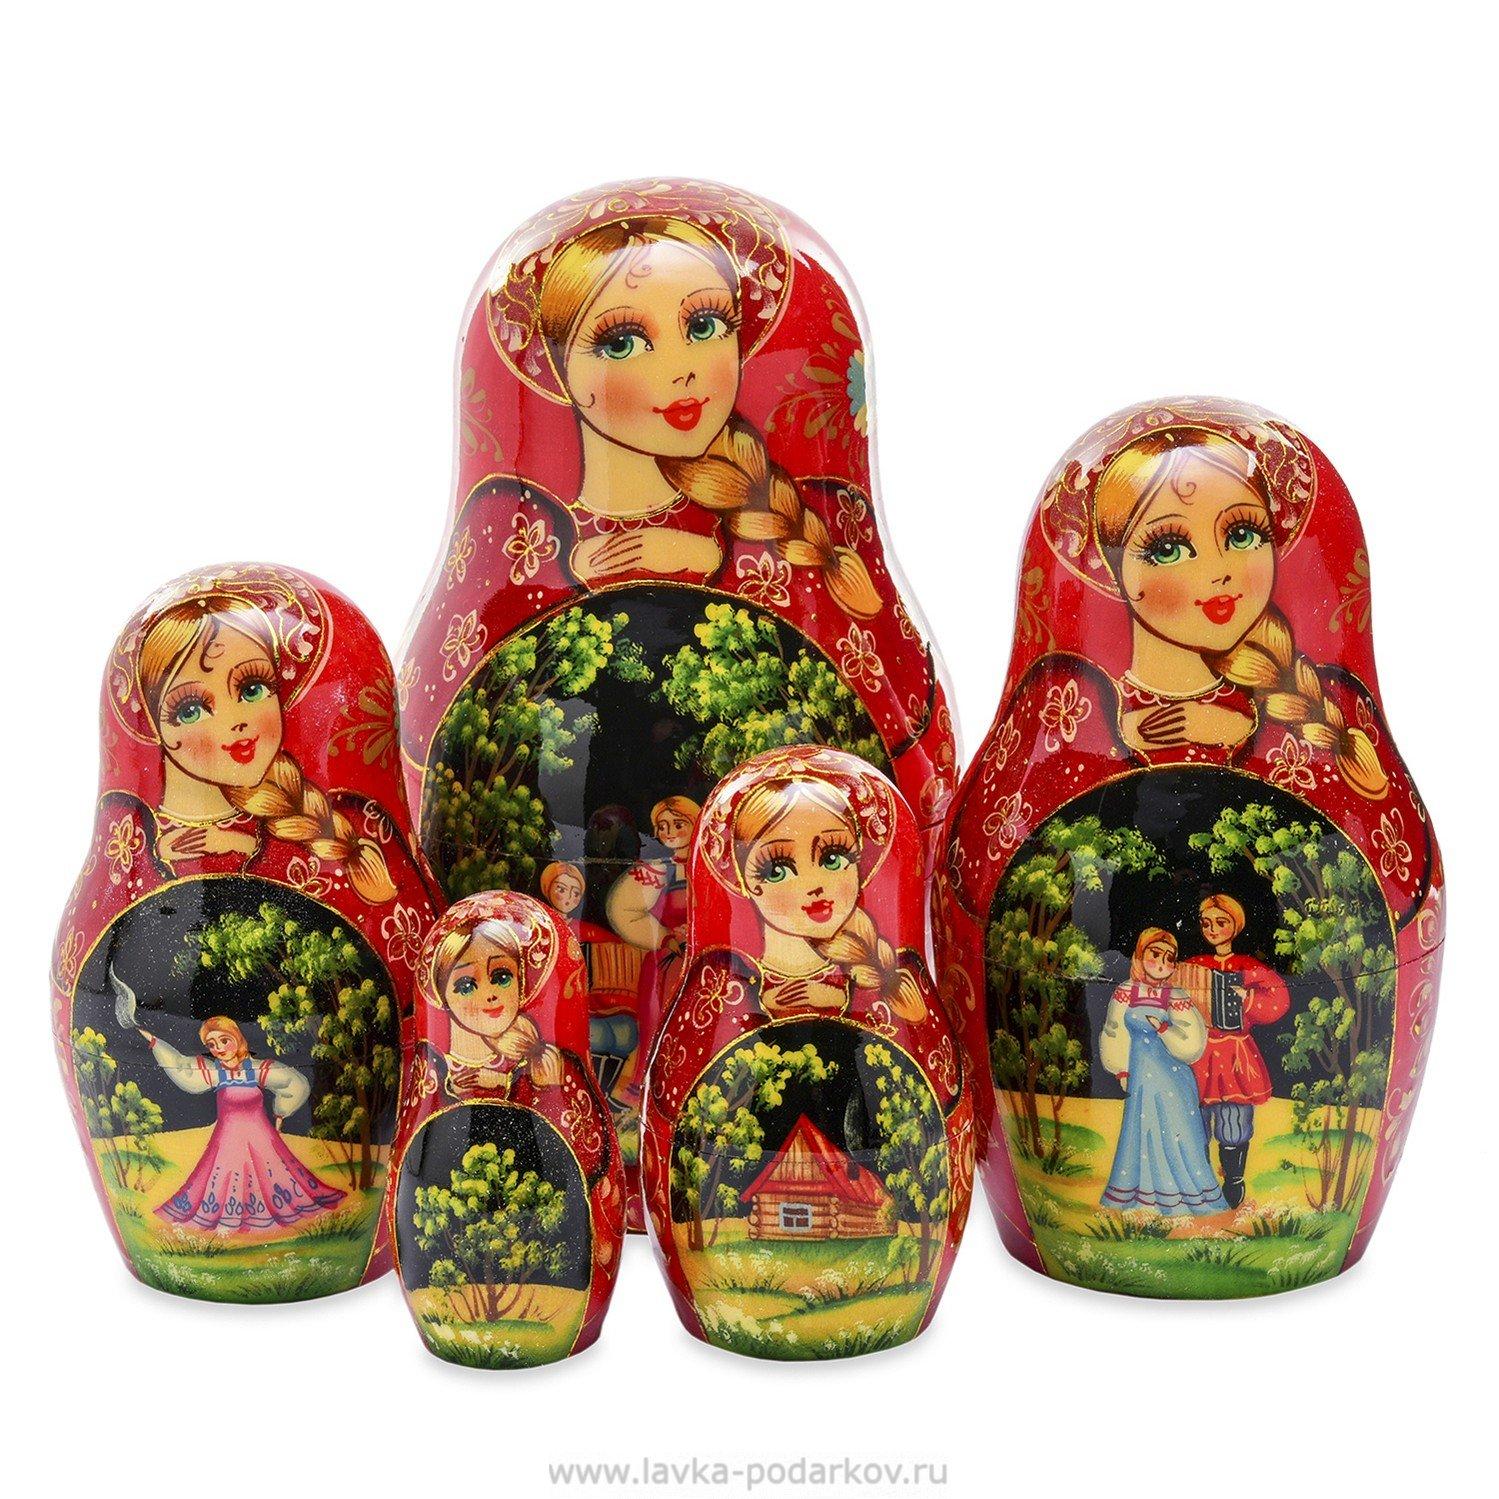 Магазин русских подарков матрёшки